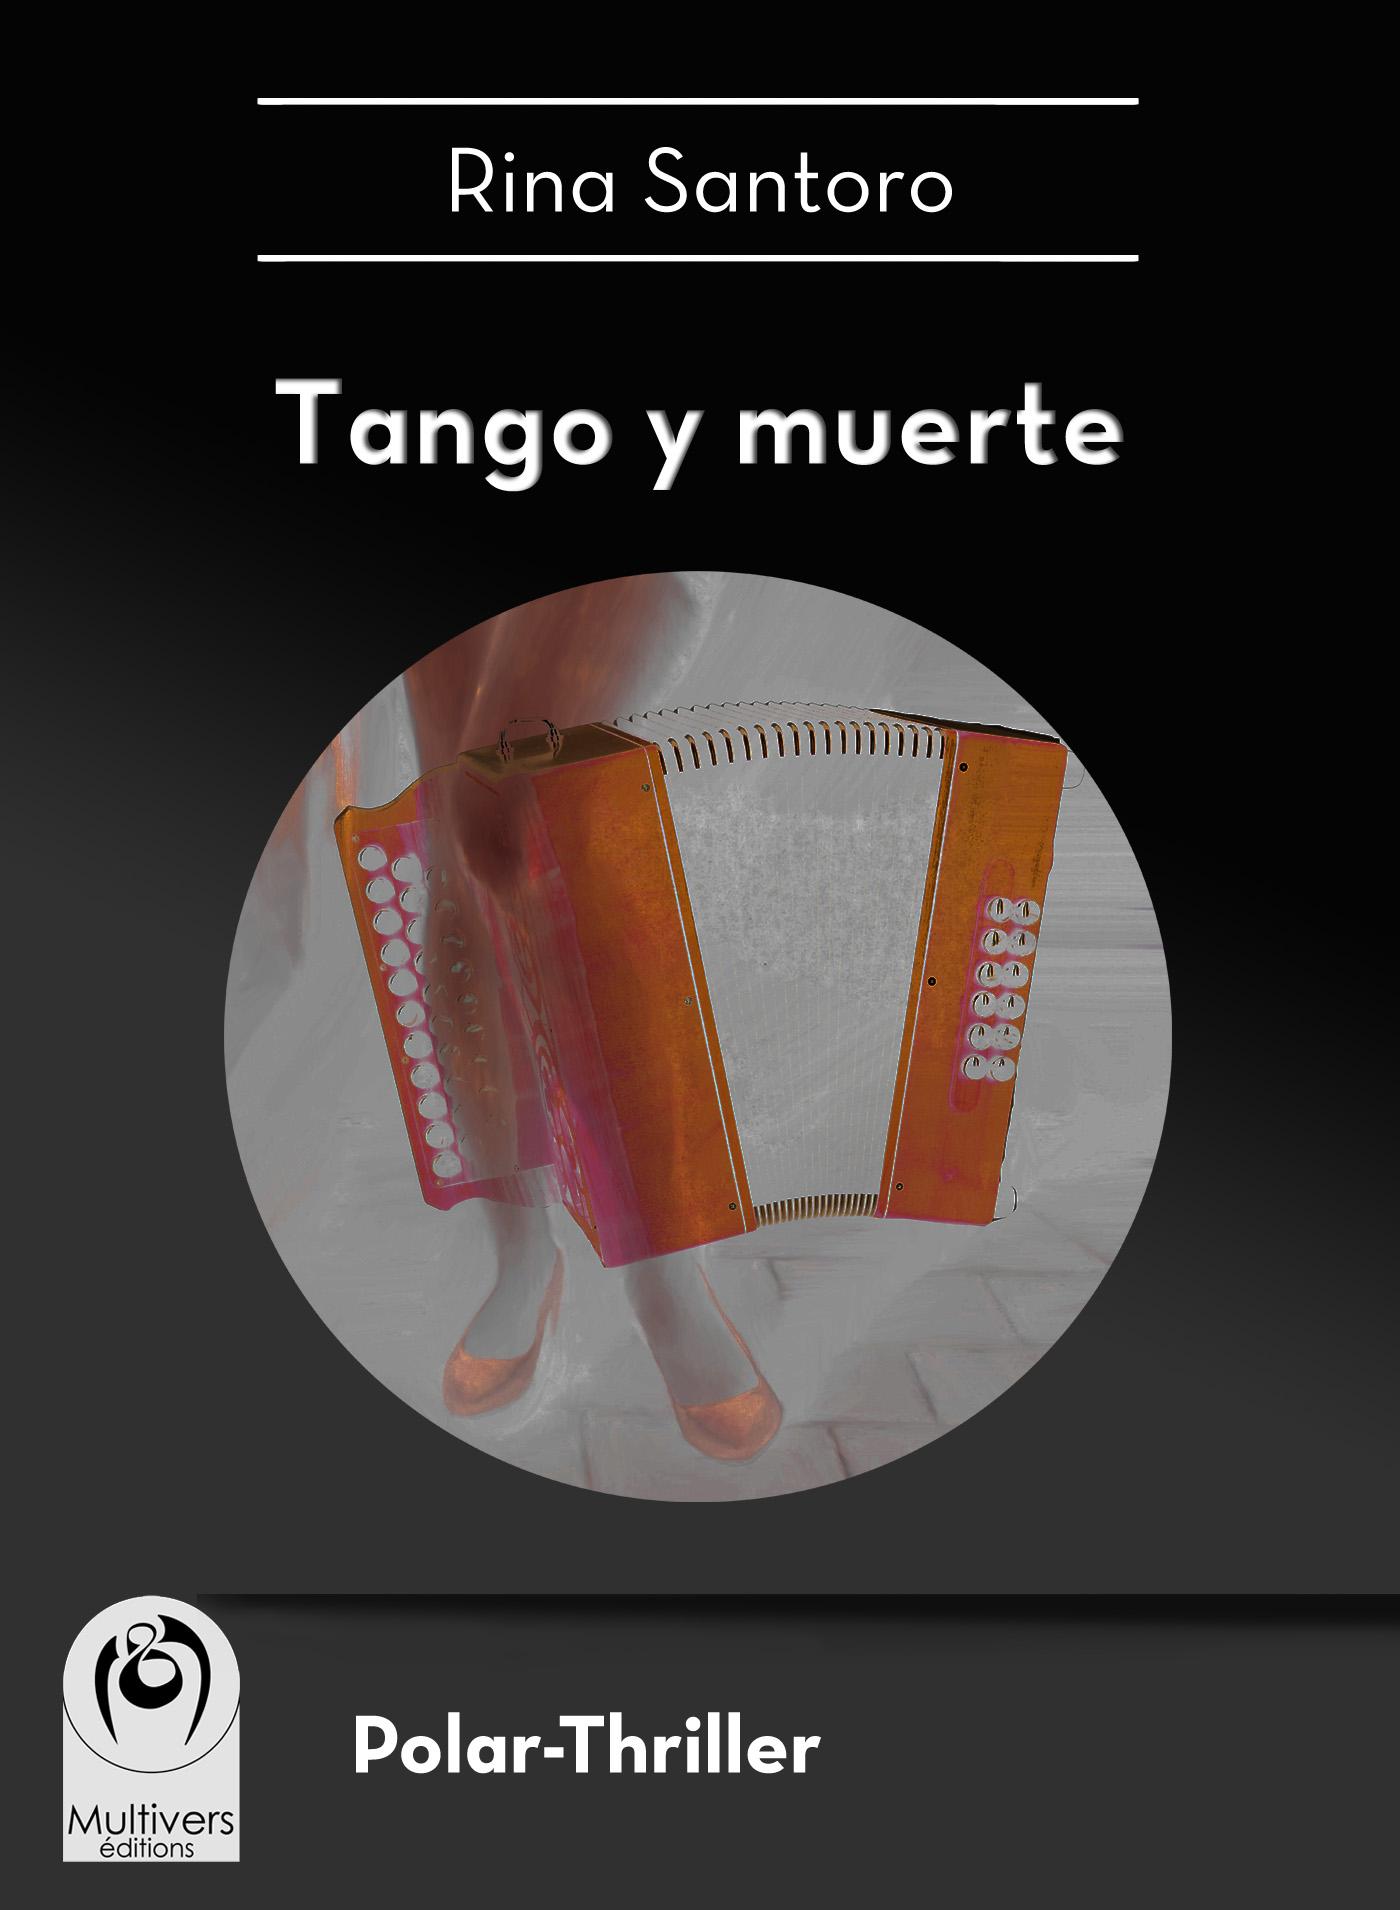 Tango y muerte